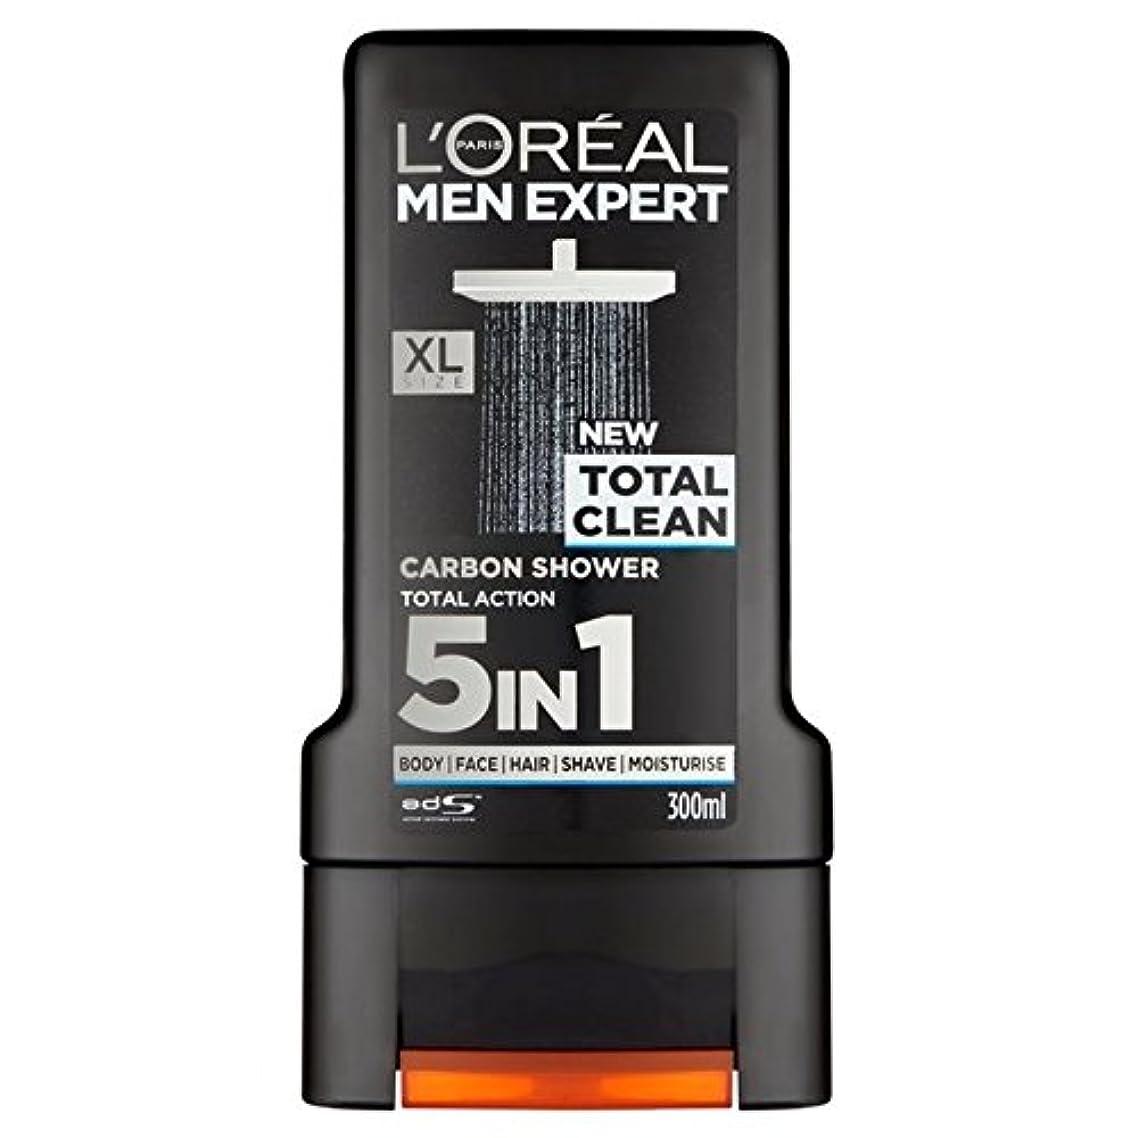 古くなった表現使用法L'Oreal Paris Men Expert Total Clean Shower Gel 300ml - ロレアルパリのメンズ専門トータルクリーンシャワージェル300ミリリットル [並行輸入品]